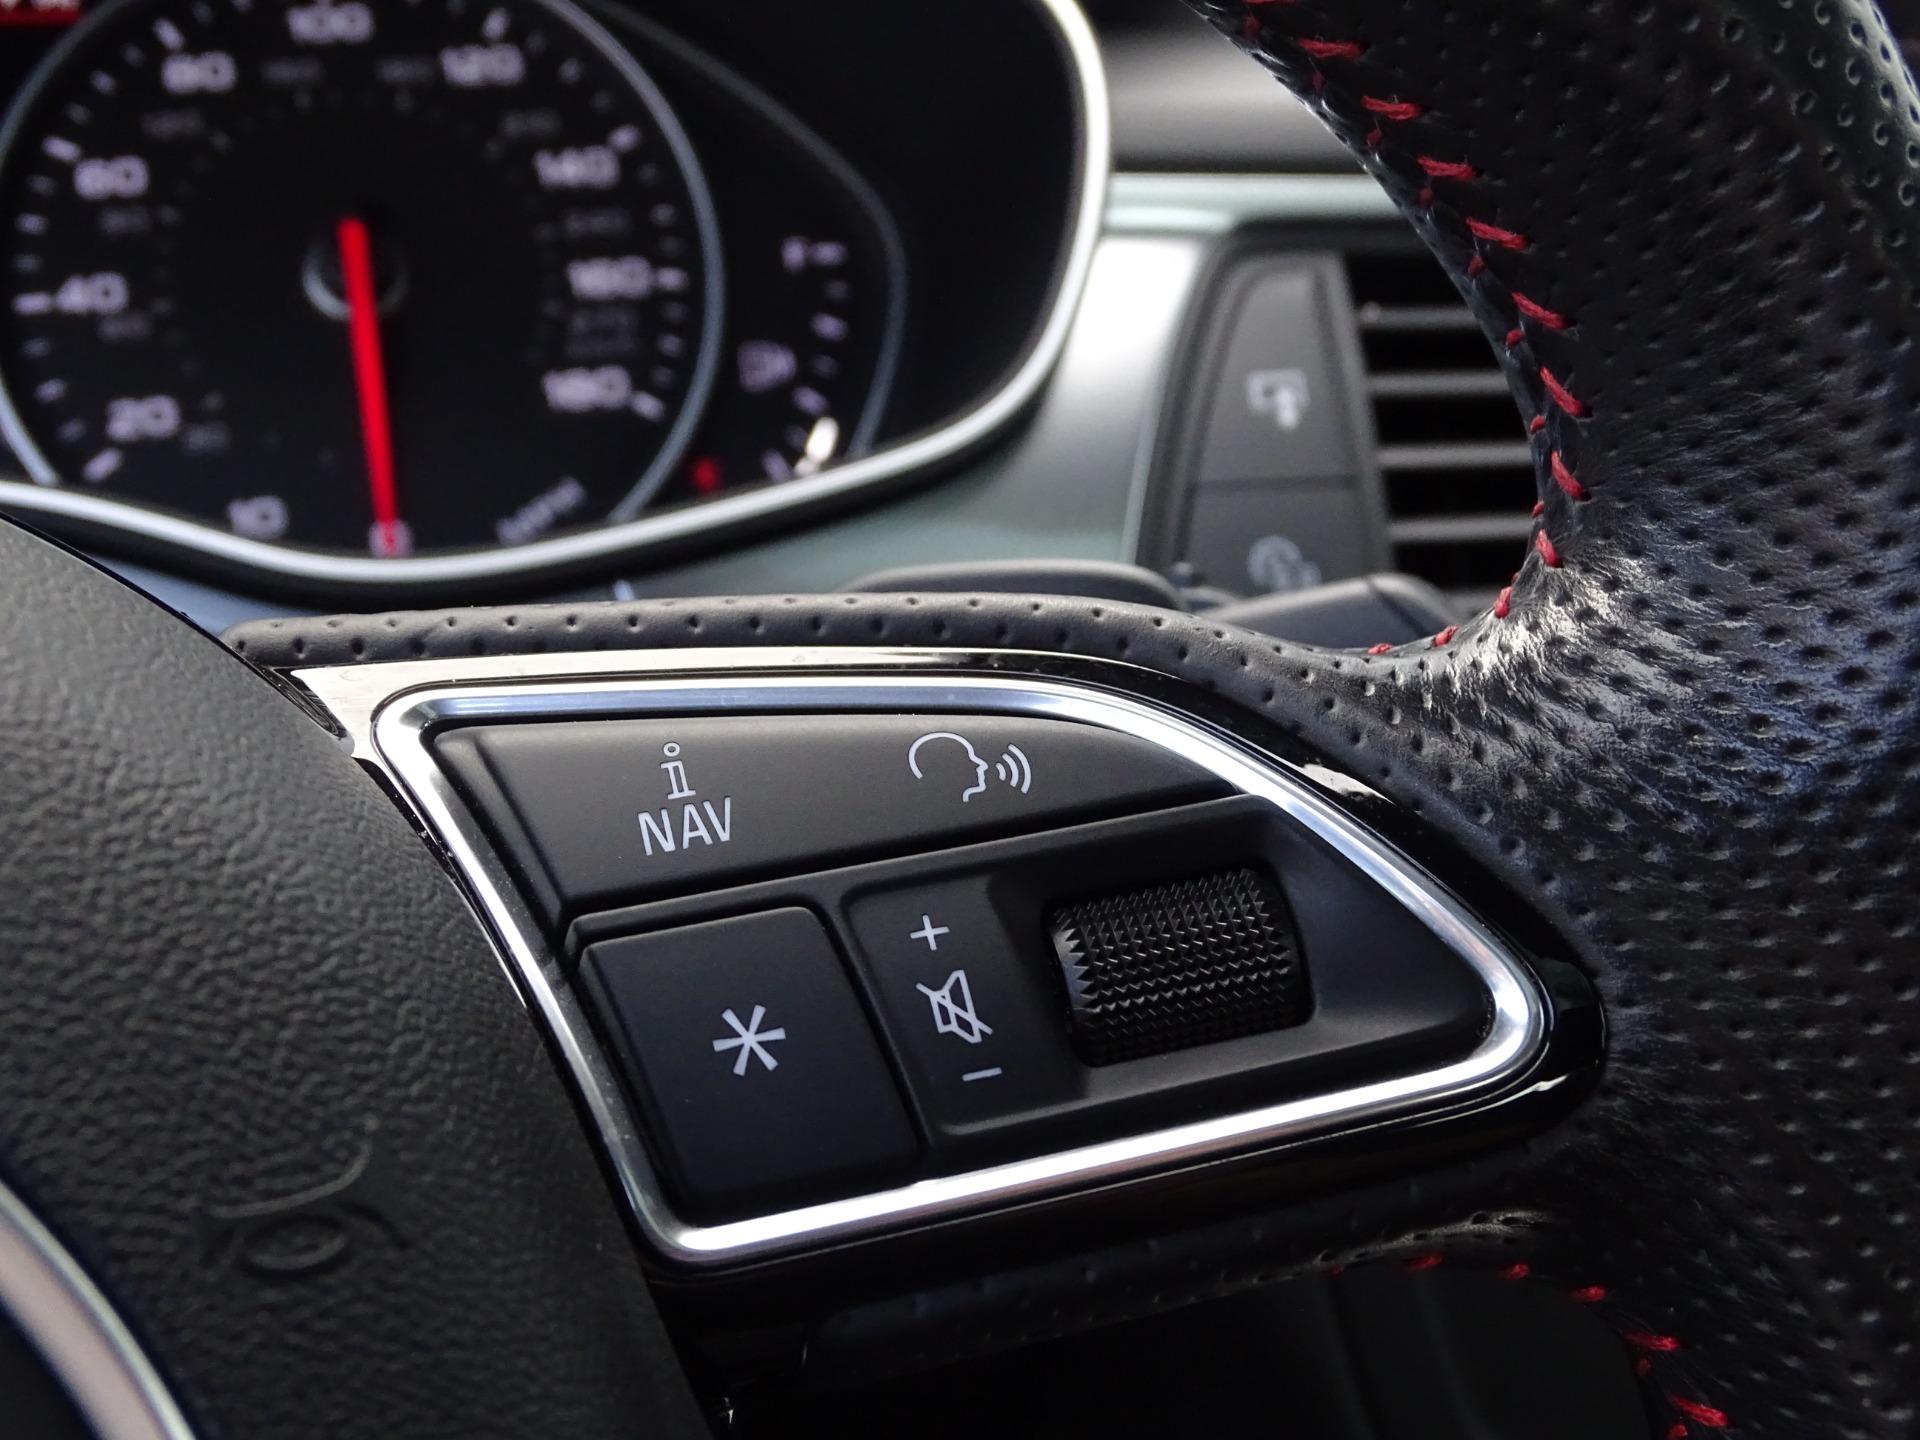 Used-2017-Audi-A7-quattro-competition-Prestige